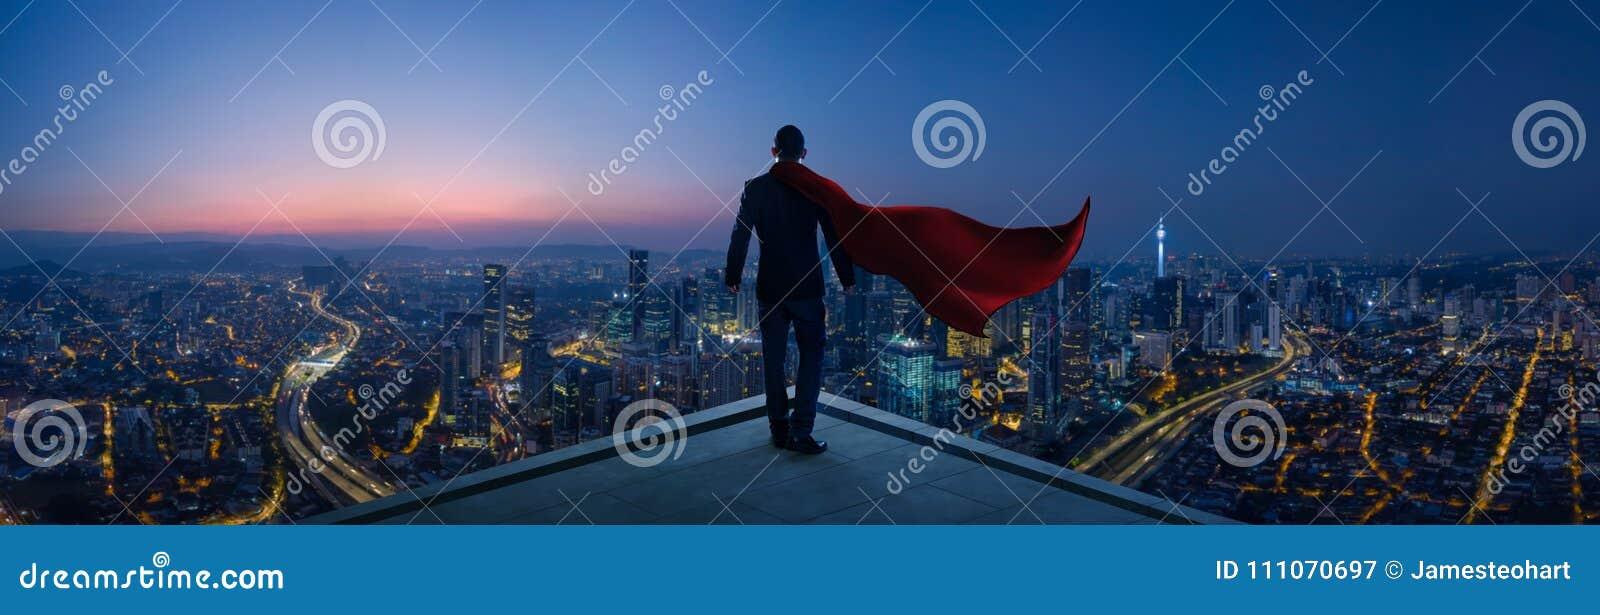 在衣服和海角英雄的商人站立在看起来伟大的都市风景的屋顶